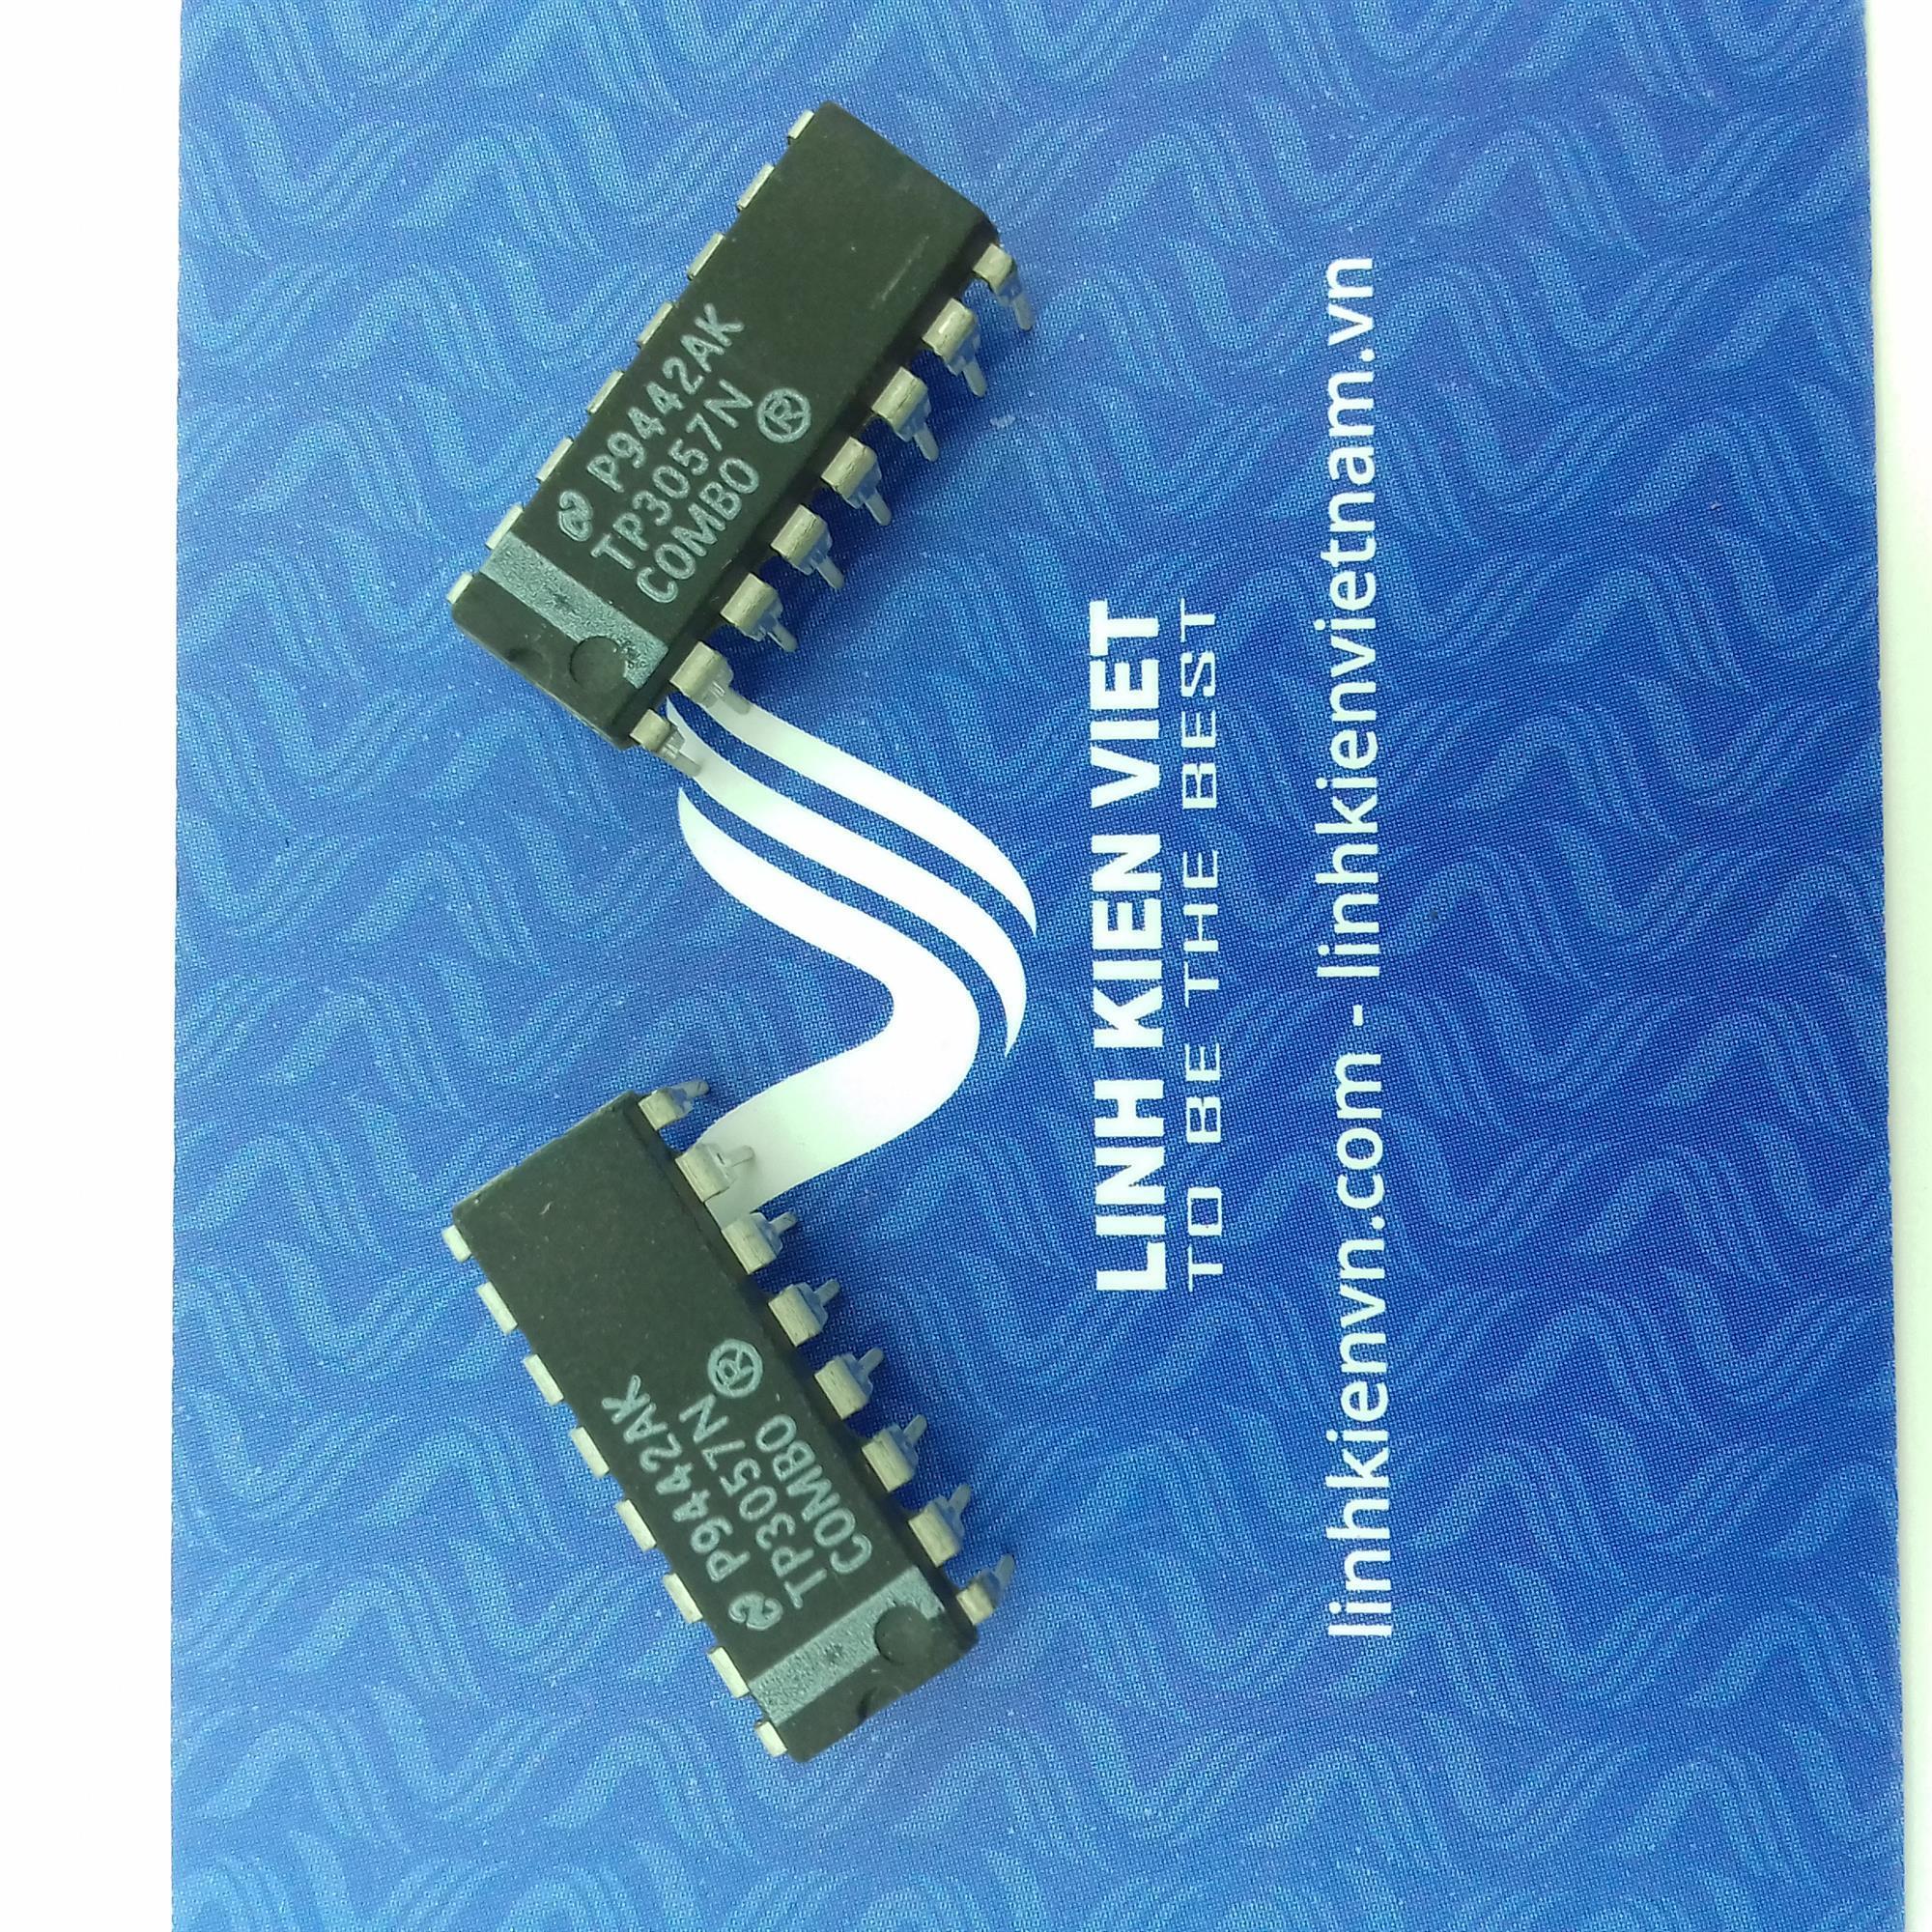 IC TP3057n - F5H13